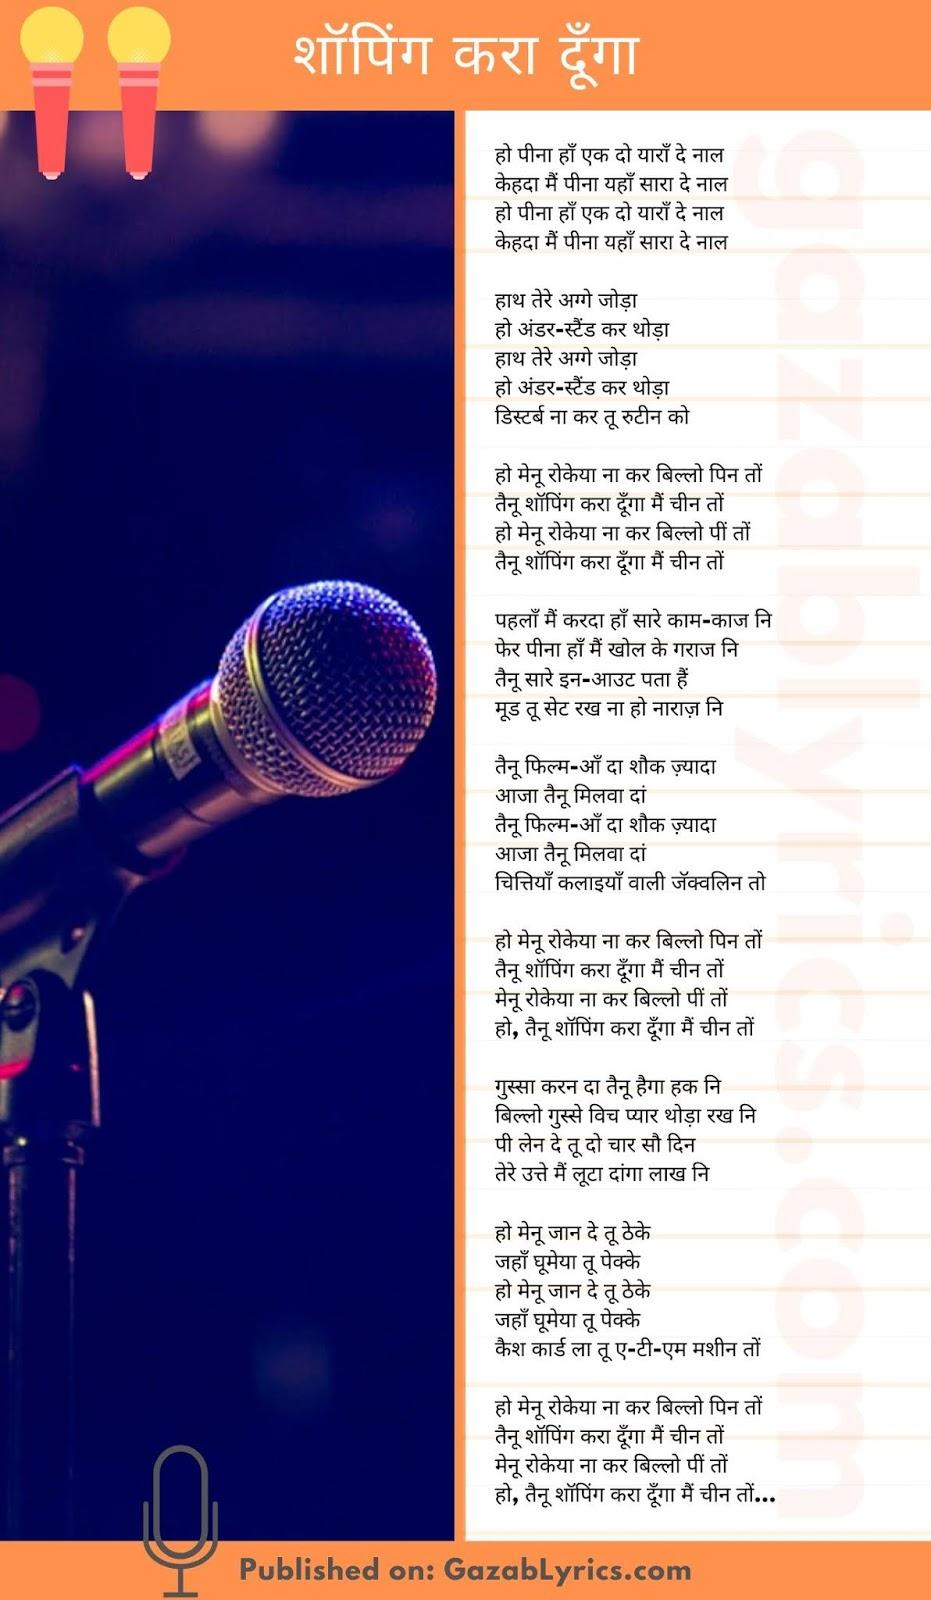 Shopping Kara Dunga song lyrics image